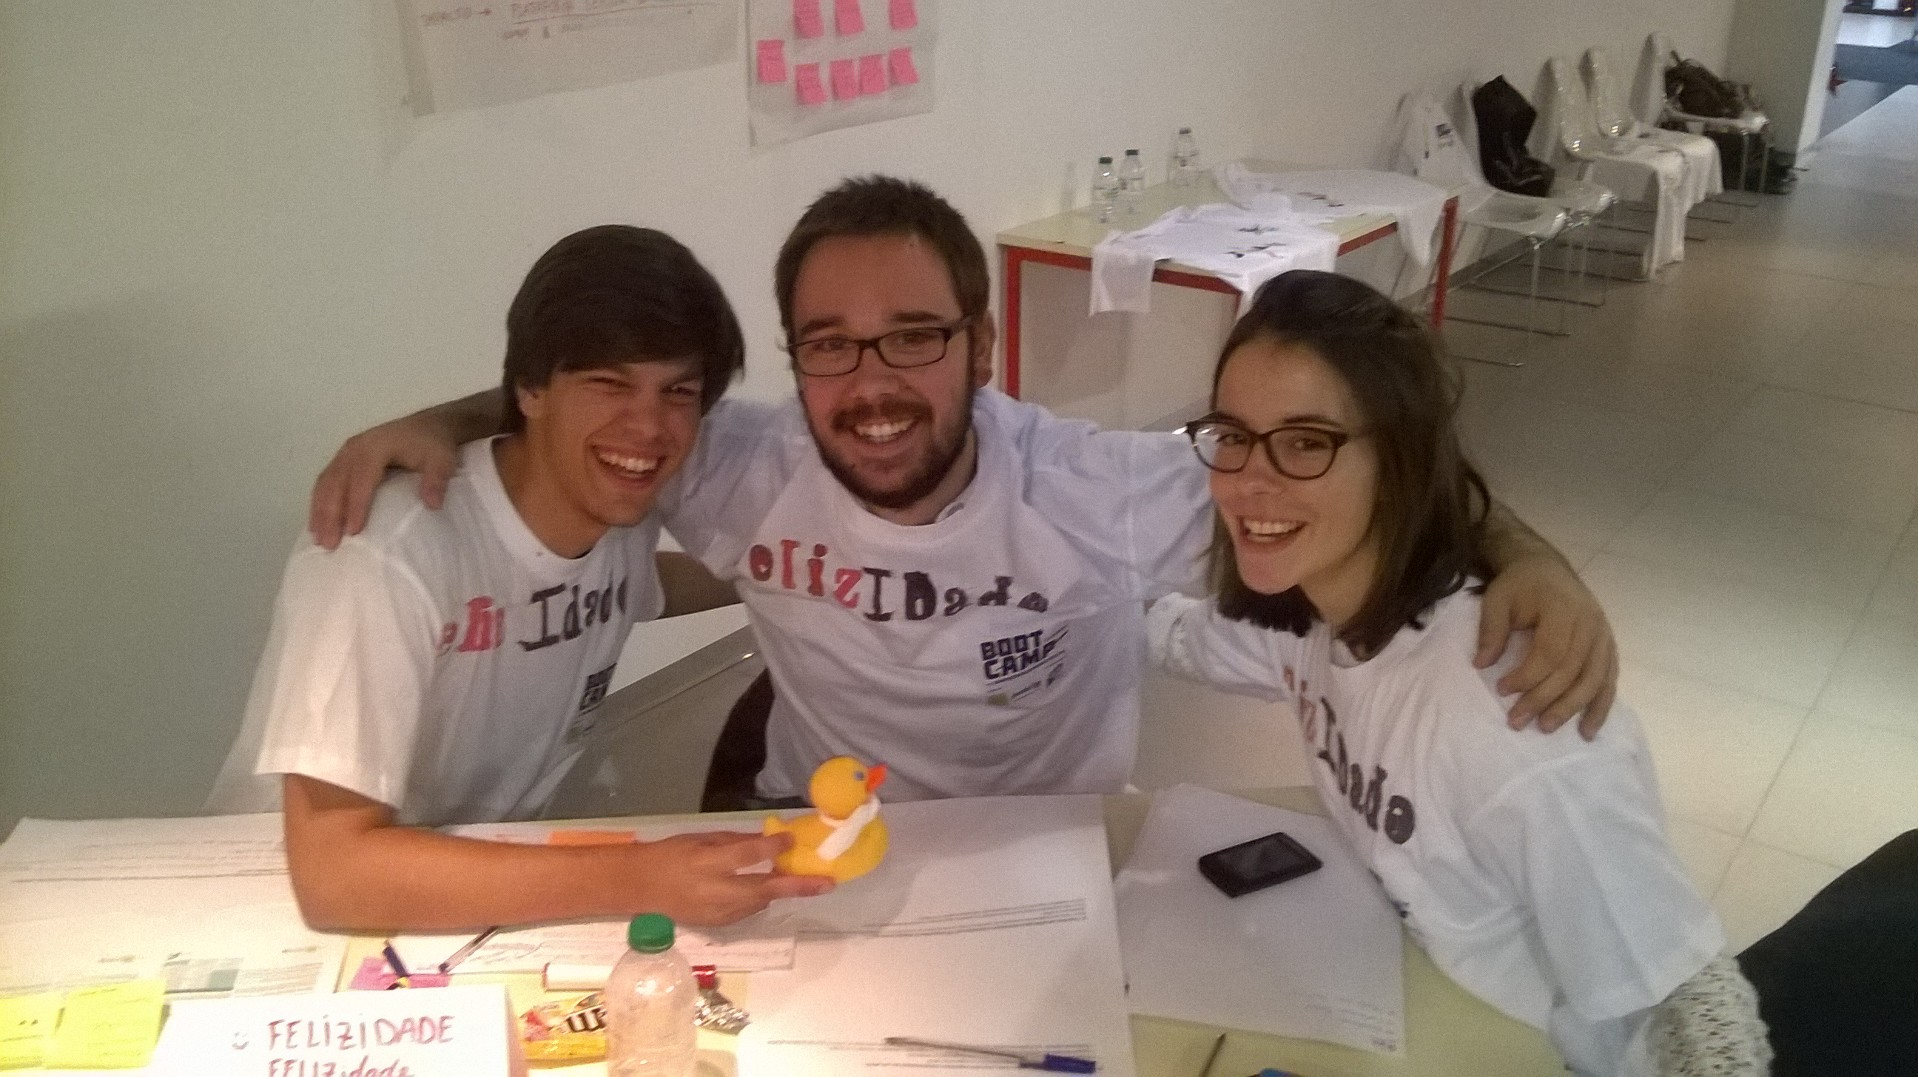 Equipa de GASNovenses no Bootcamp de Empreendedorismo Social. Da esquerda para a direita: Frederico Carvalho, Afonso Borga e Teresa Rodrigues.